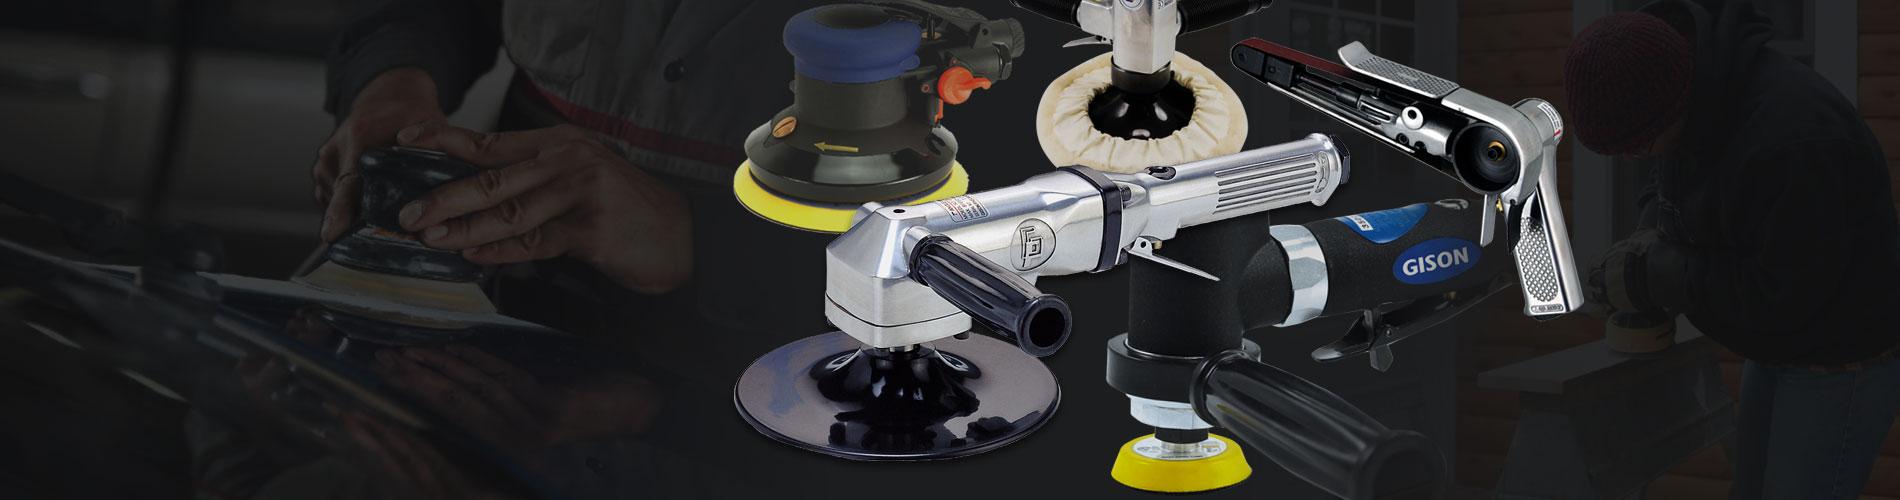 Εργαλεία αέρα για Λείανση / γυάλισμα